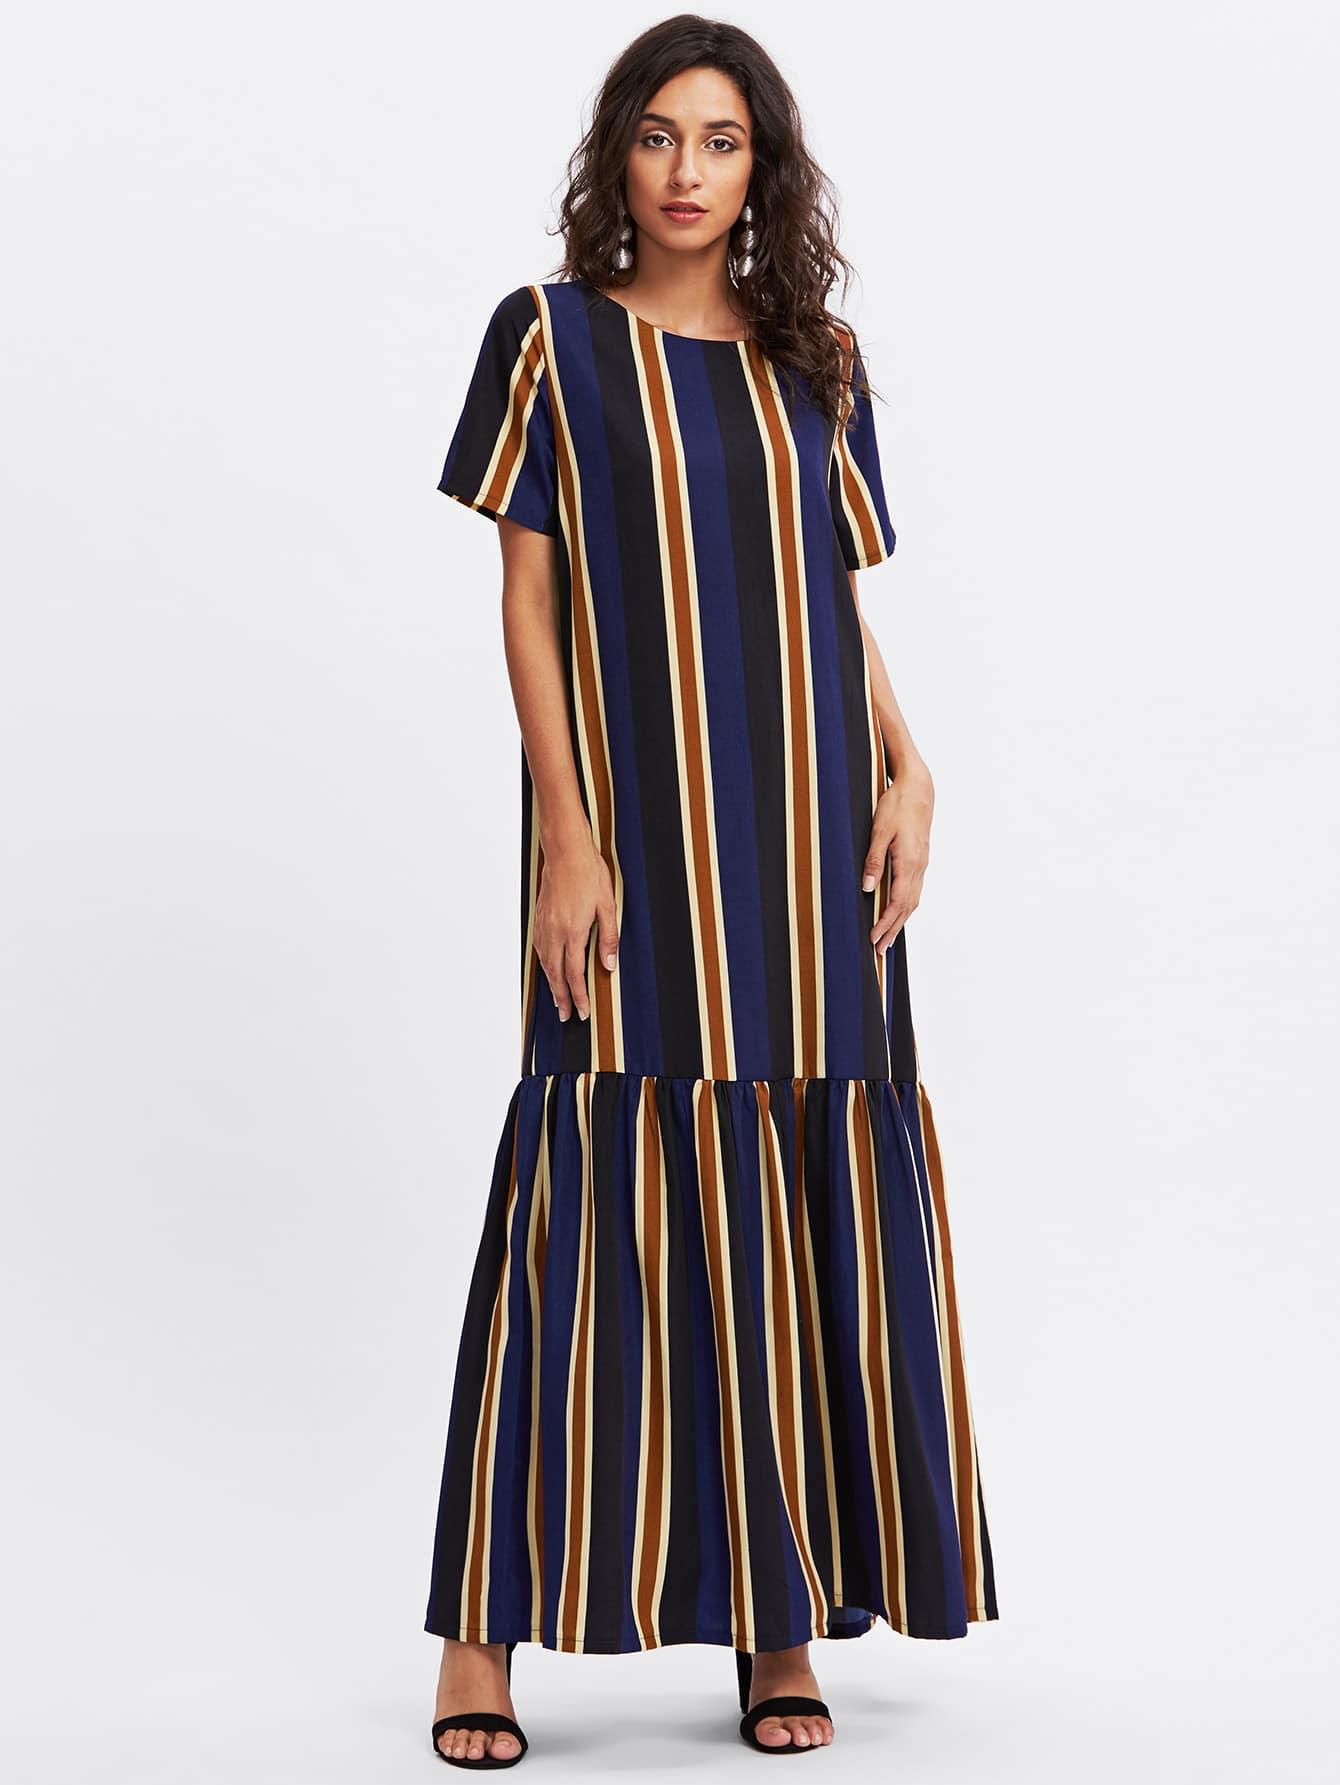 Kleid in voller Länger mit Streifen und sehr tief angesetzter Taillepartie